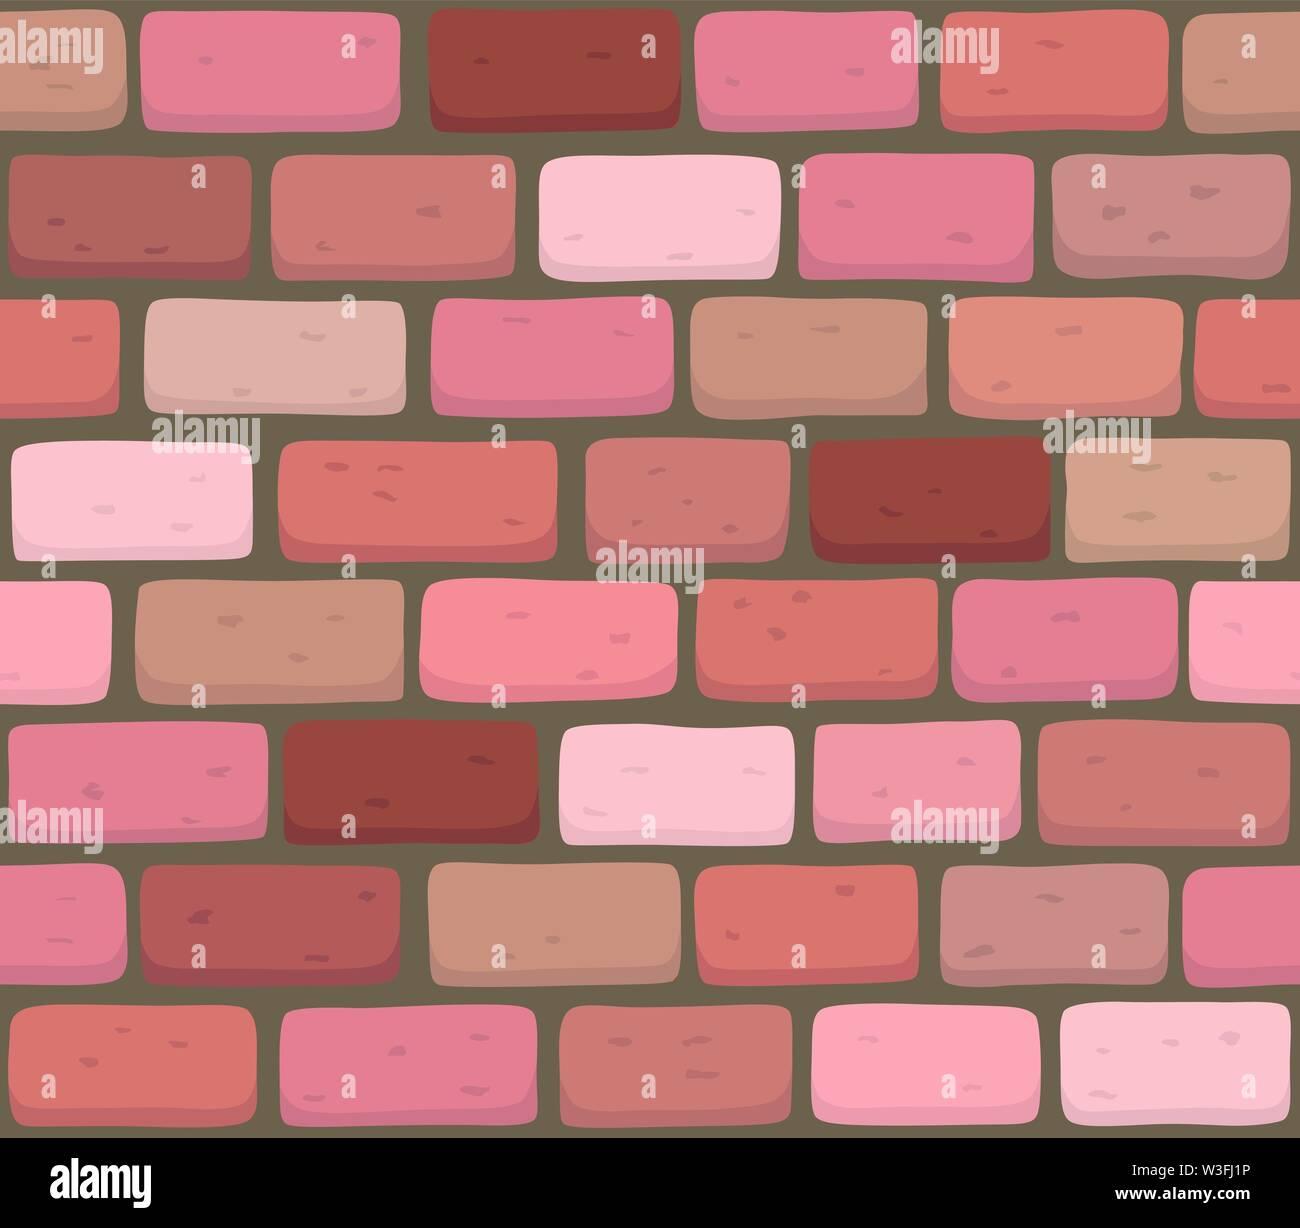 Mur de brique rouge fond illustration vectoriel continu - texture pattern pour reproduire en continu. Photo Stock